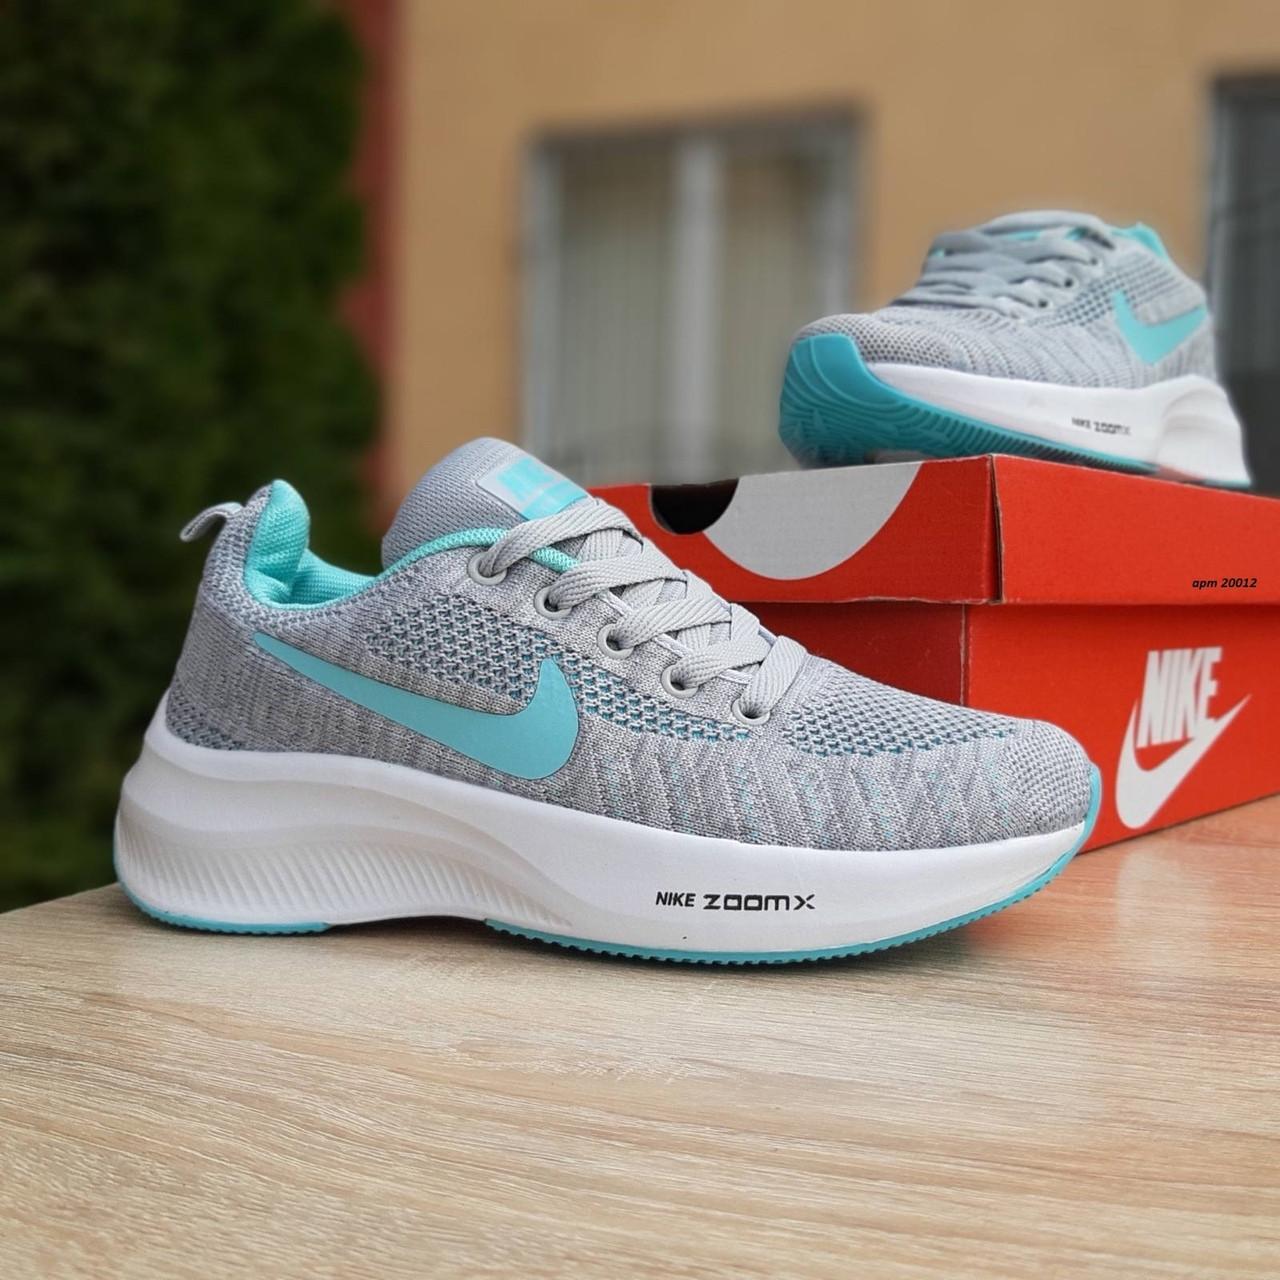 Кроссовки распродажа АКЦИЯ последние размеры Nike ZOOM  650 грн 38й(24см), 41й(26см) люкс копия